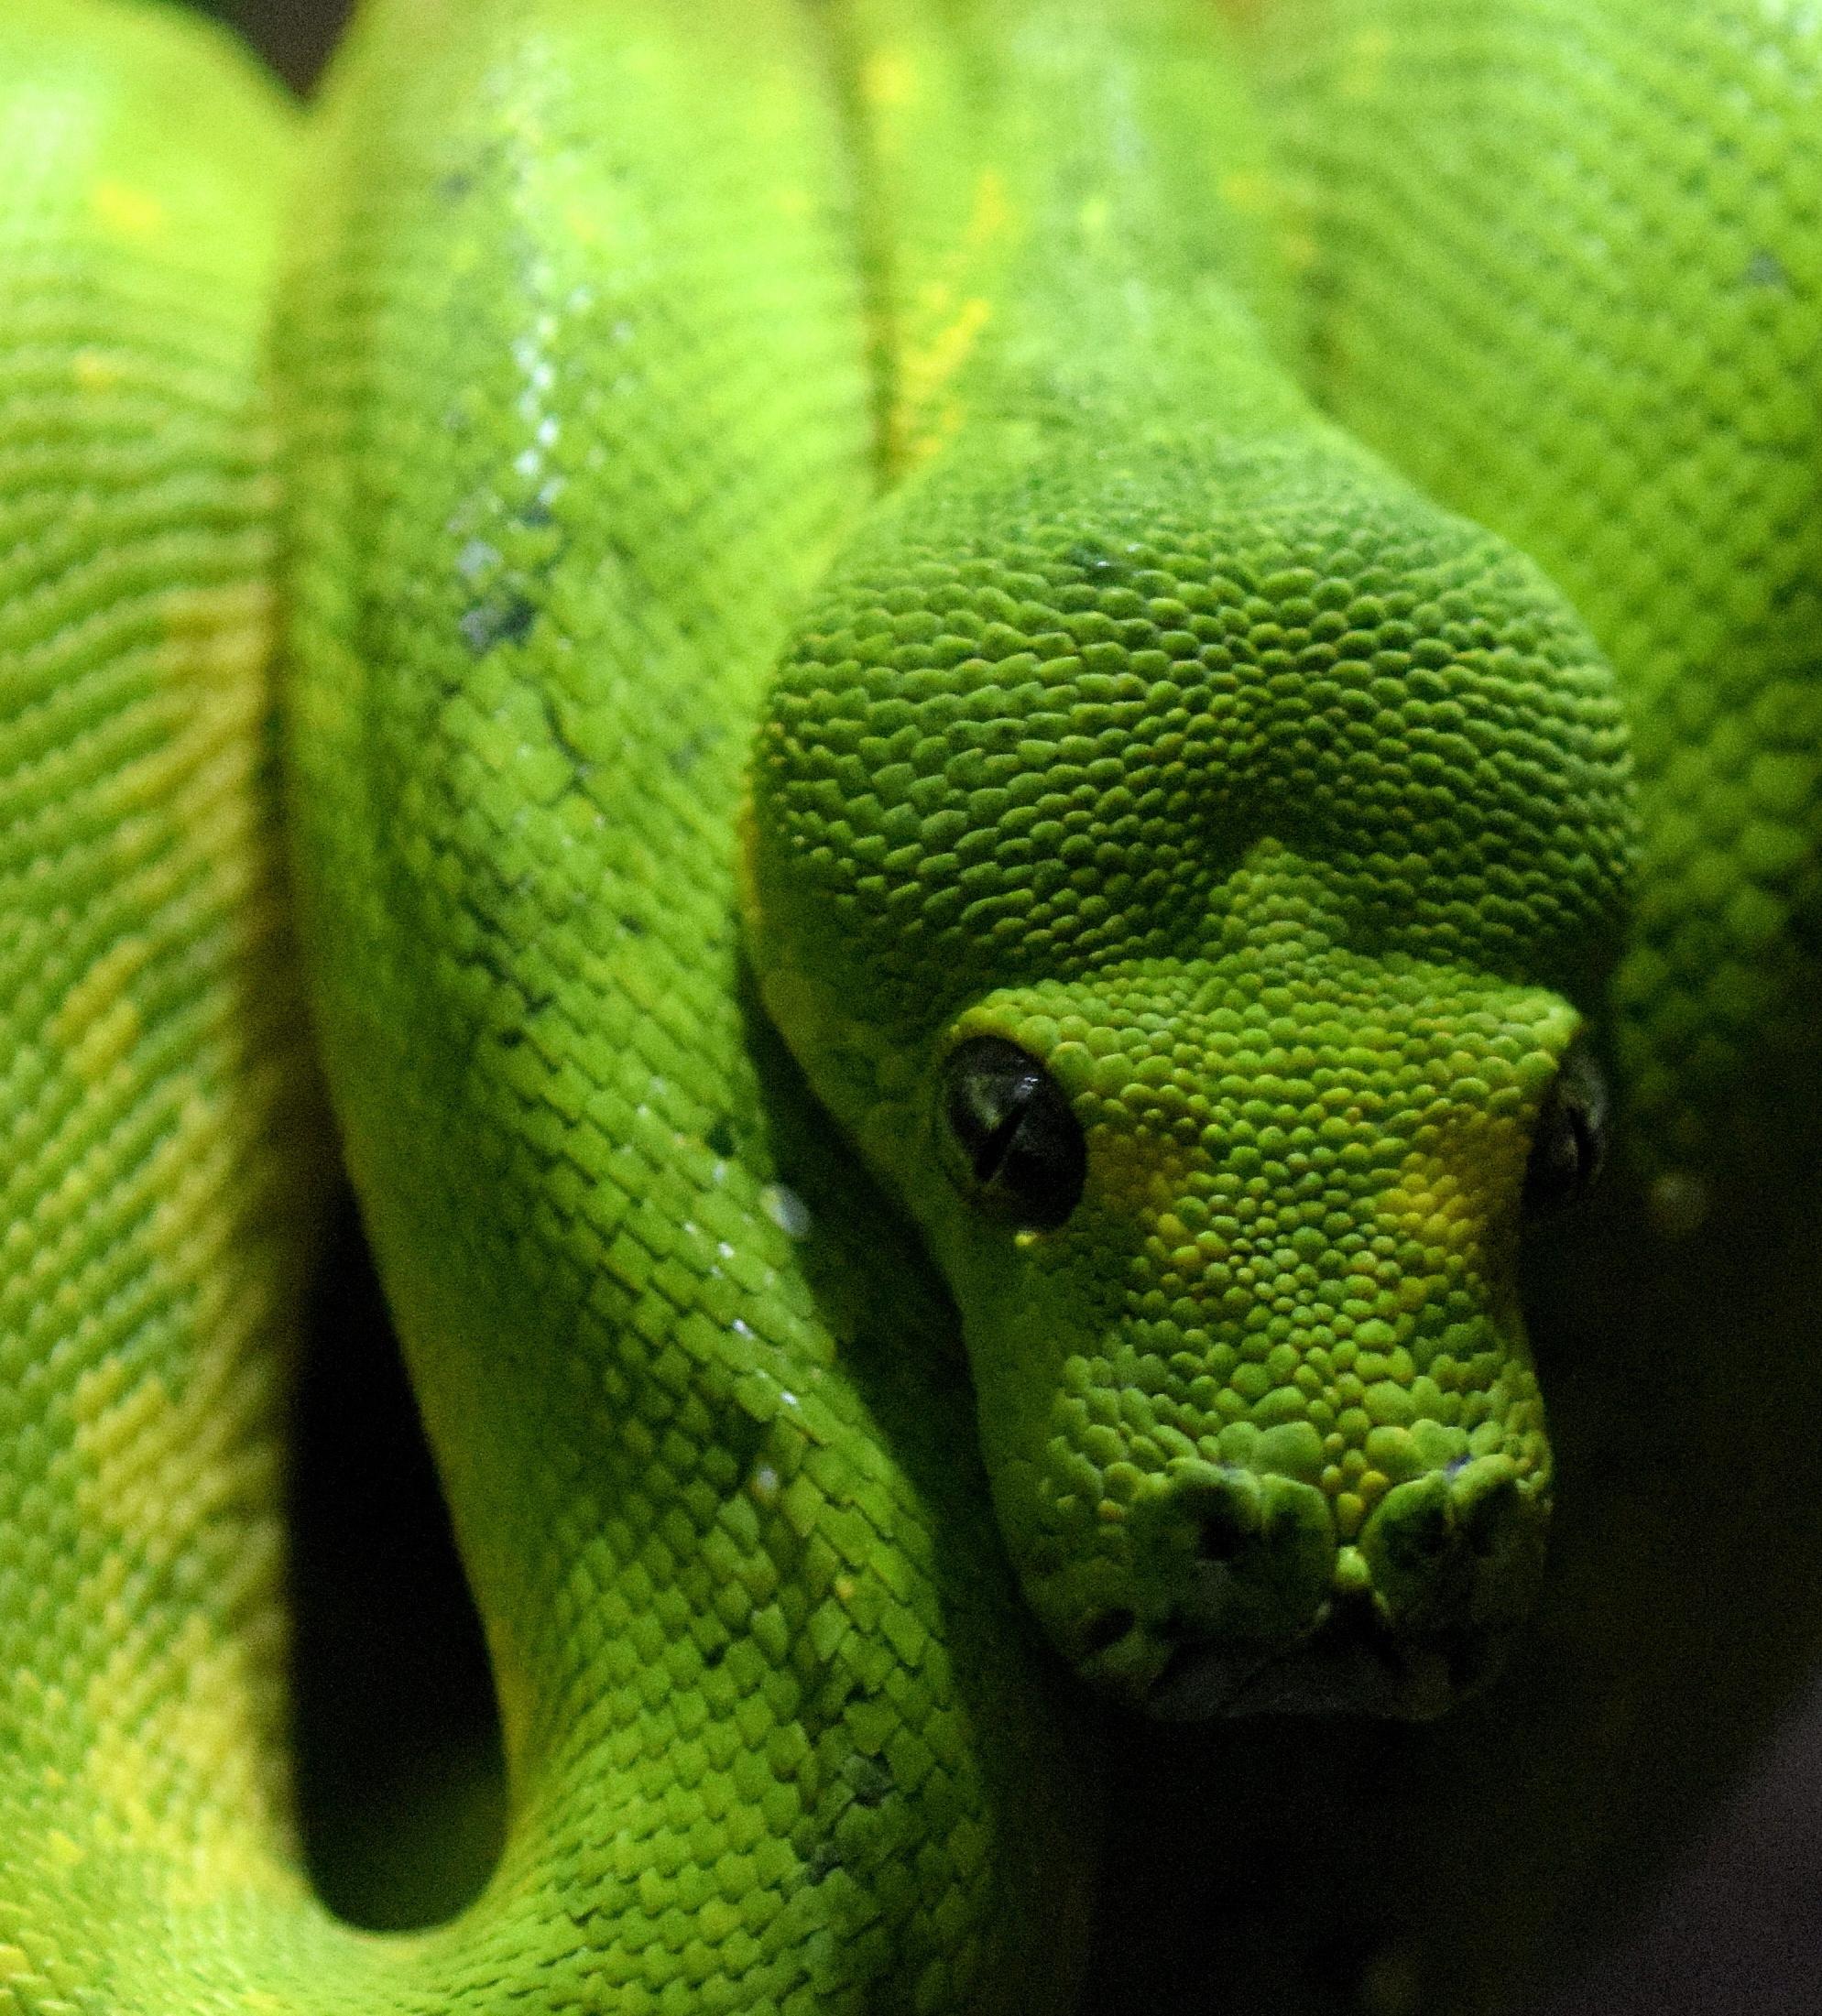 pretty-snake-links